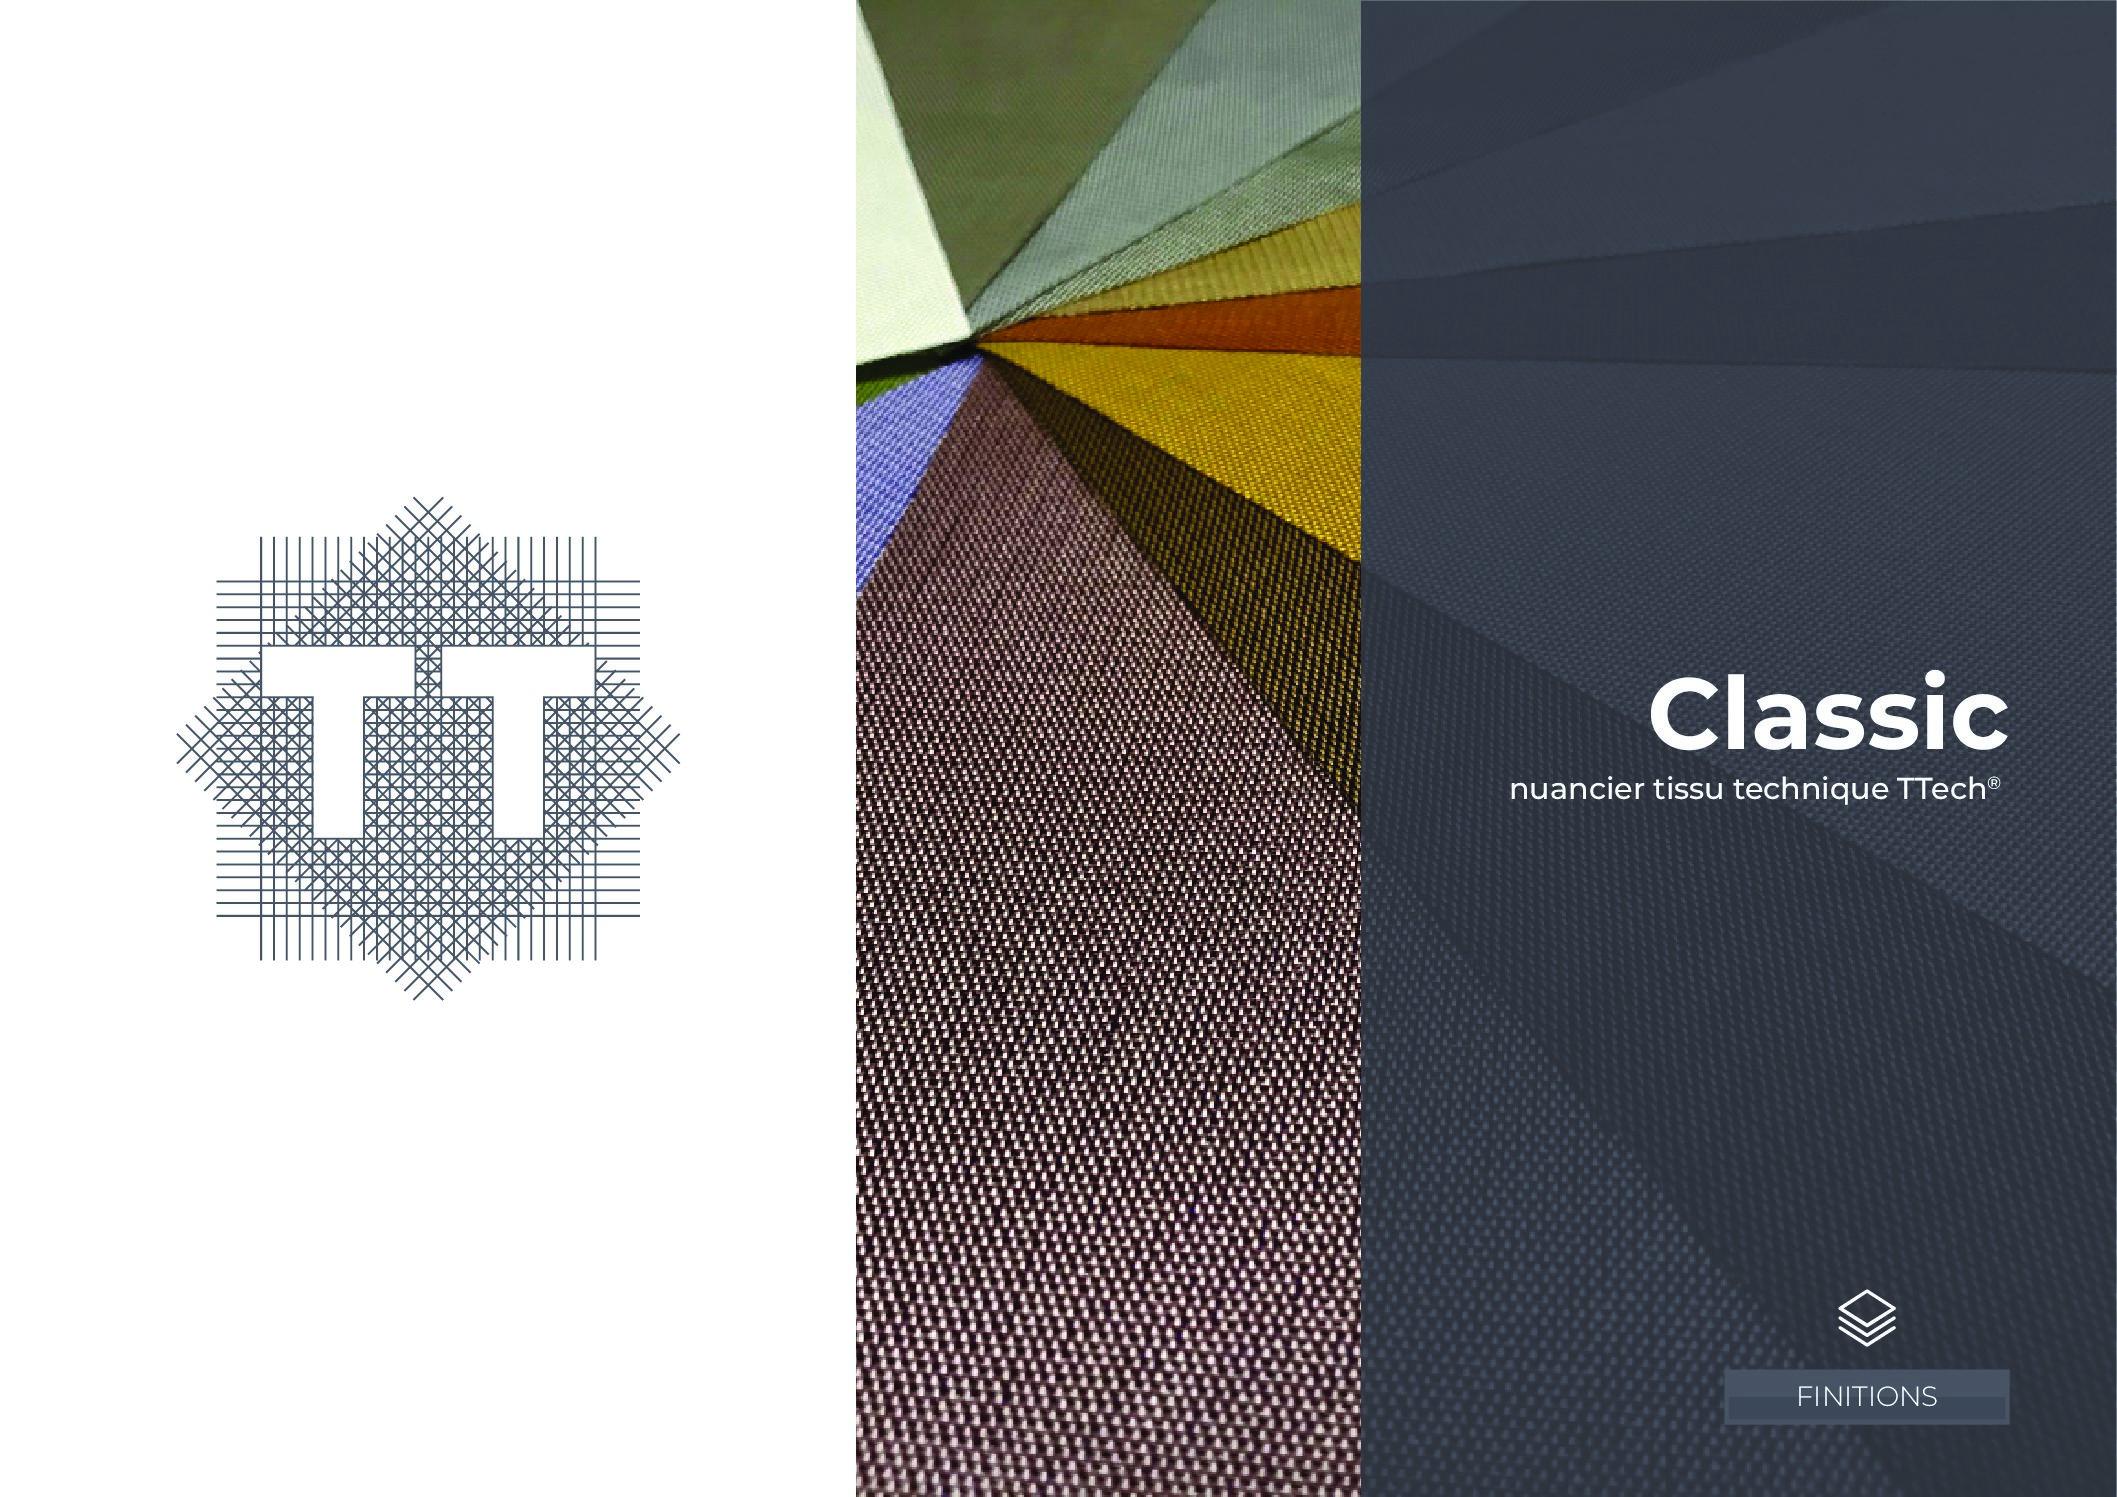 TTECH CLASSIC